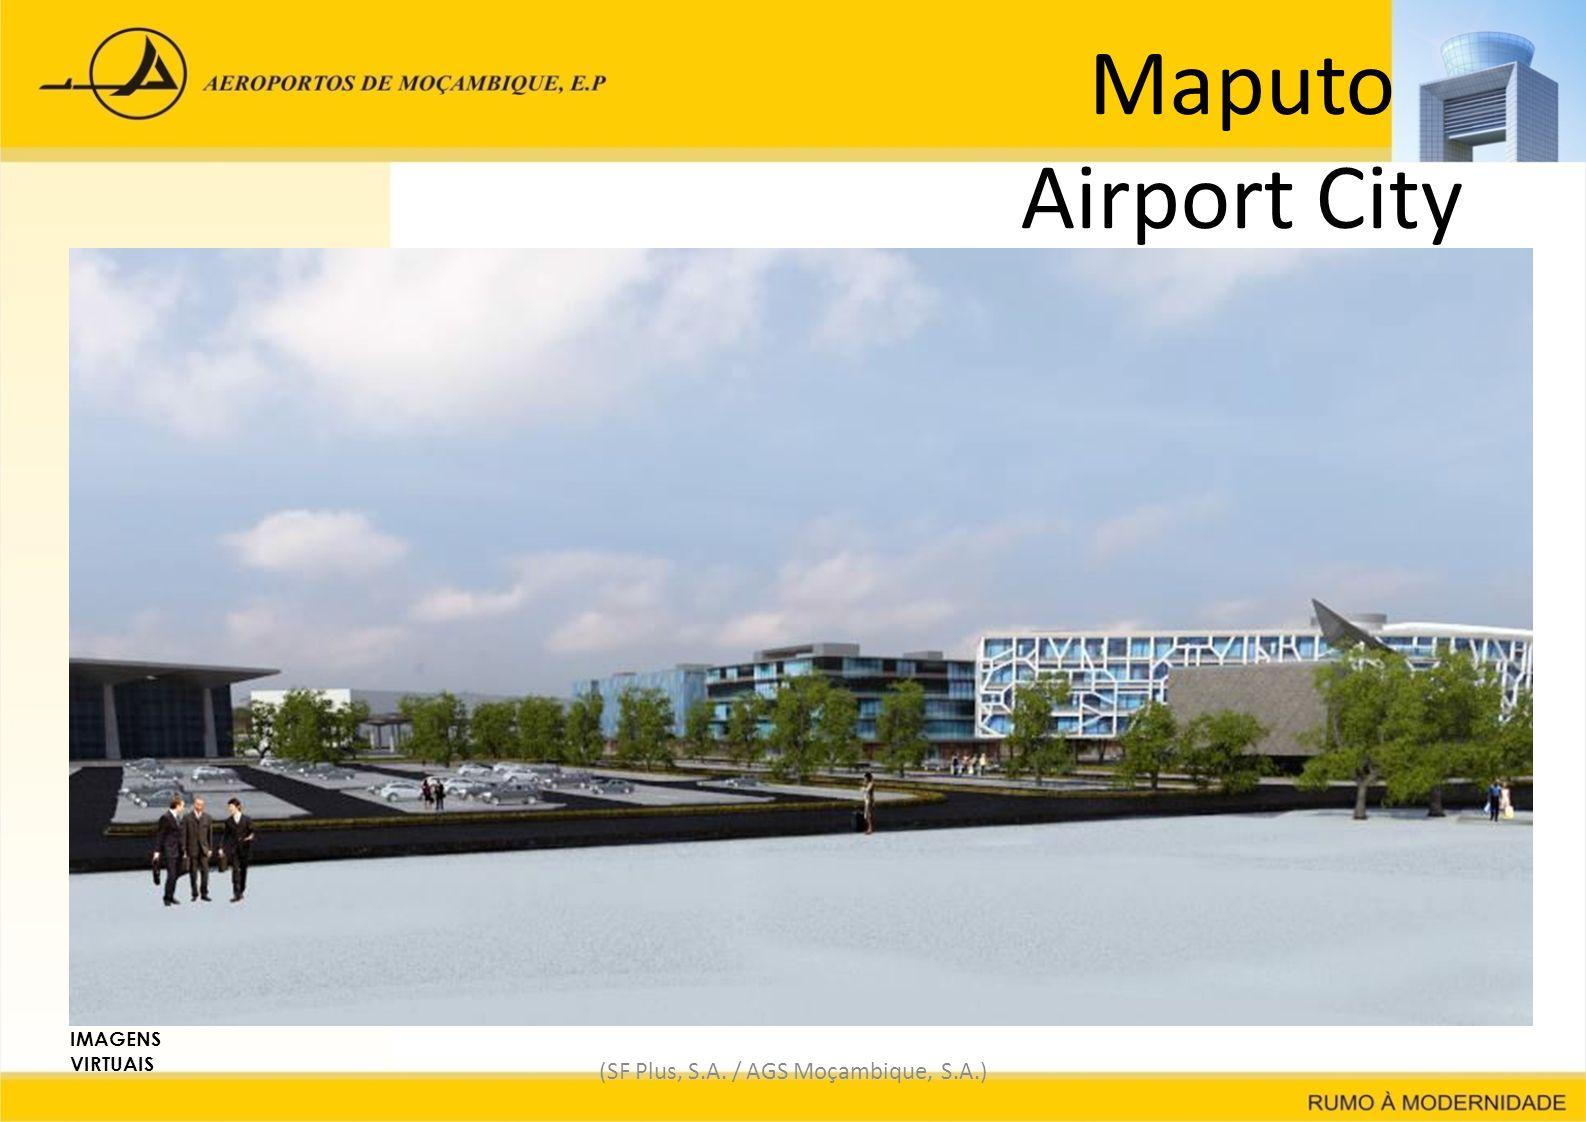 Maputo Airport City (SF Plus, S.A. / AGS Moçambique, S.A.) IMAGENS VIRTUAIS